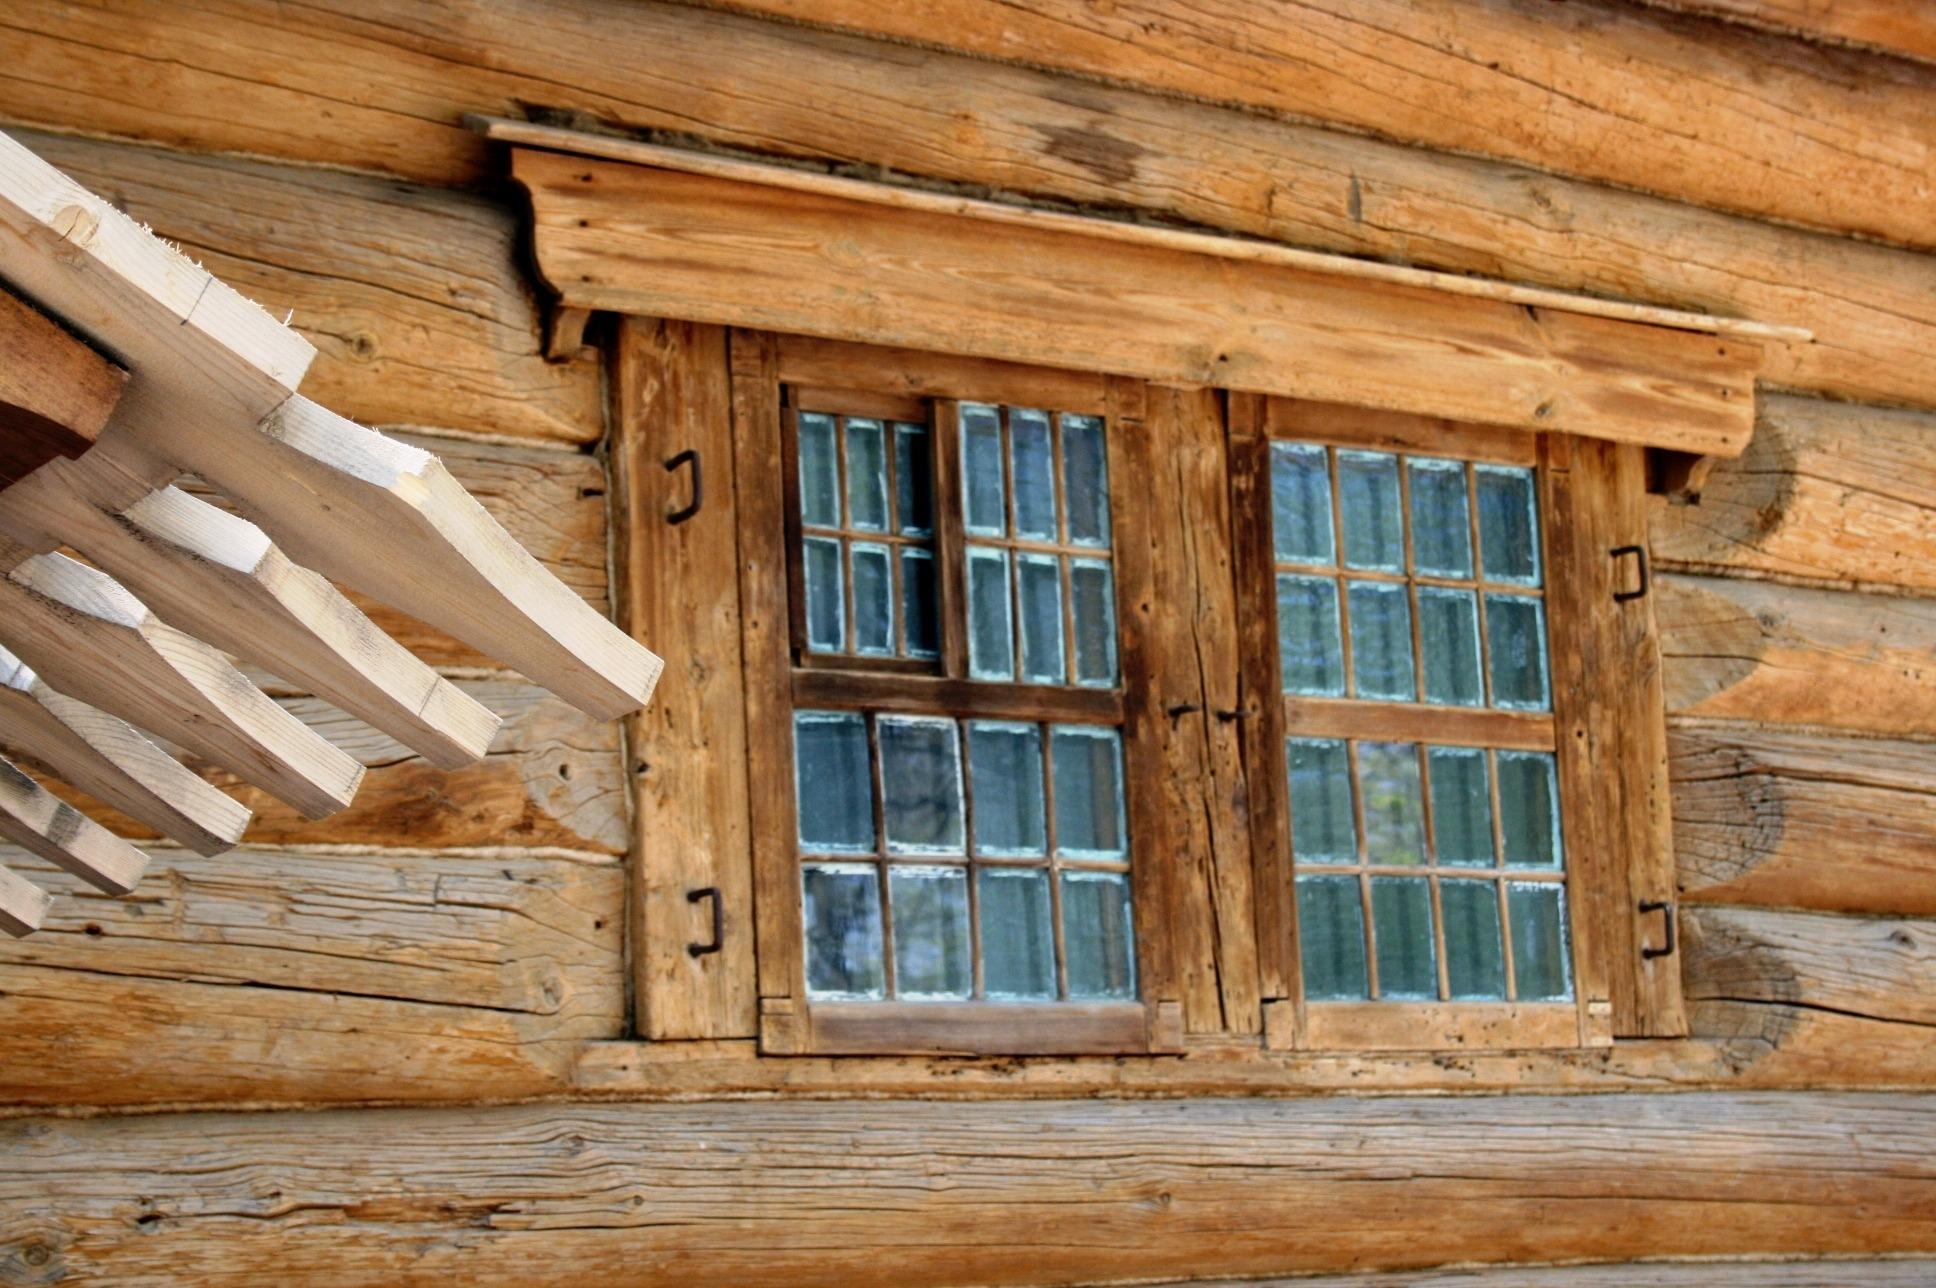 Gratuites sol toit Grange maison mur cabanon porche